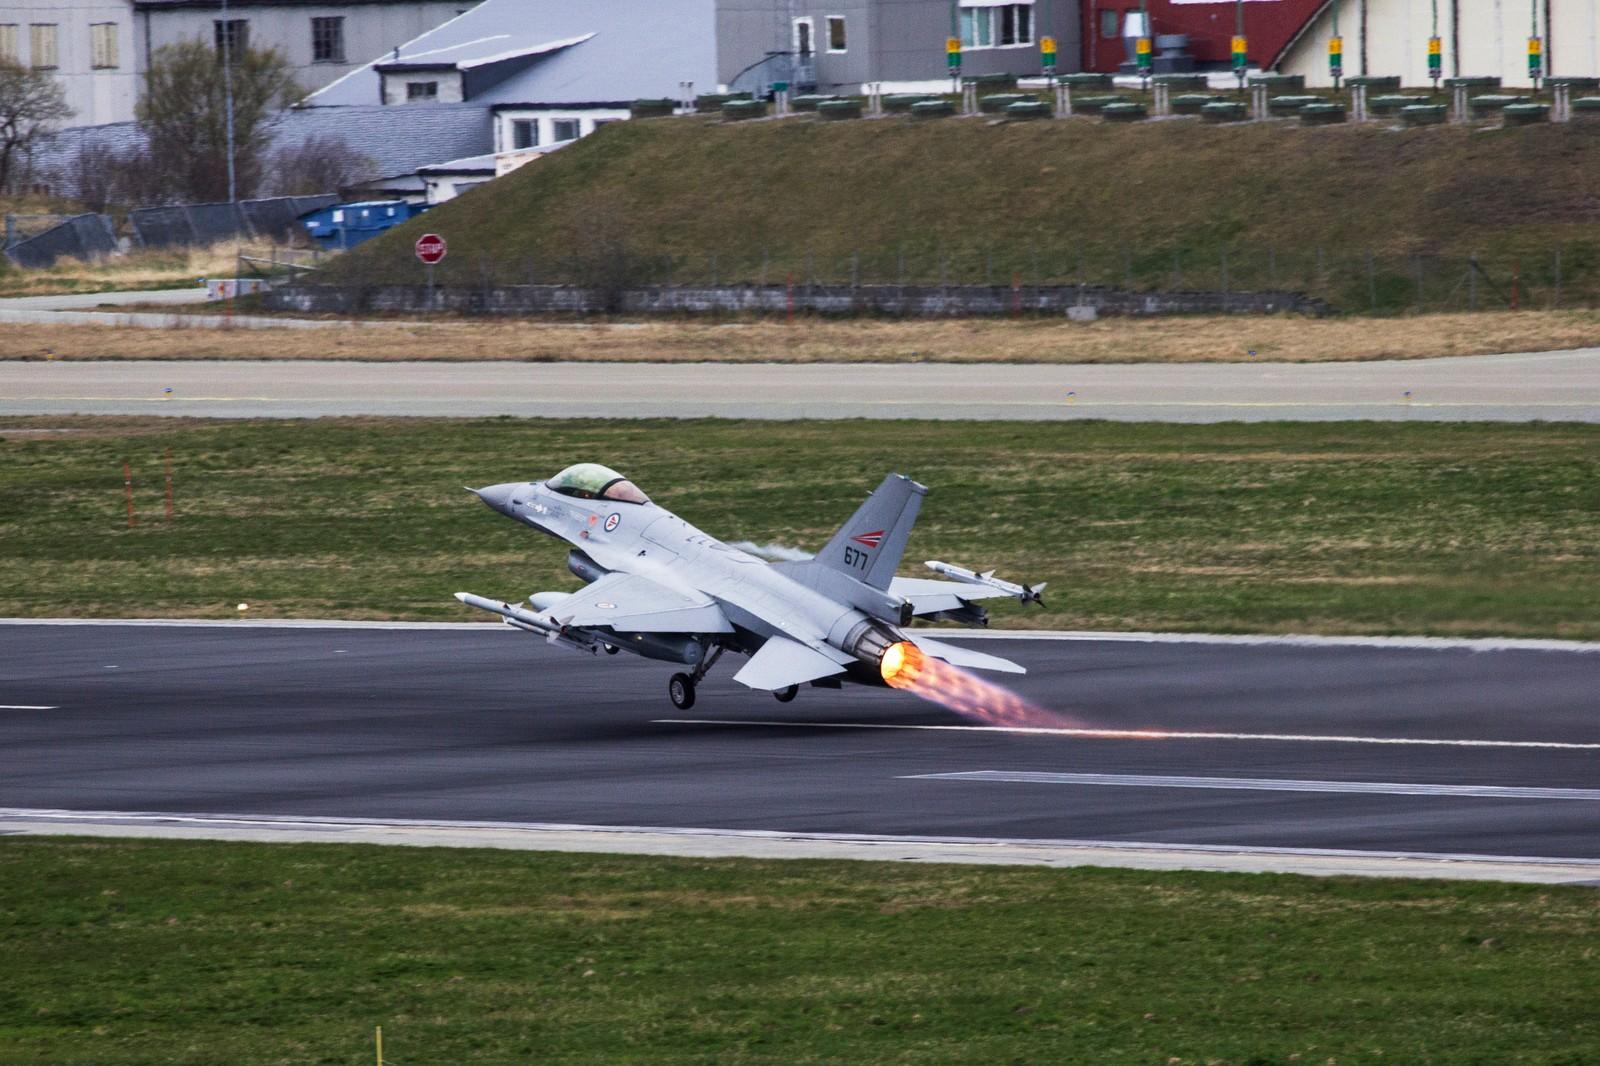 Norsk F-16 tar av med etterbrenner på Luftforsvarets base i Bodø første dag av øvelse ACE 17.